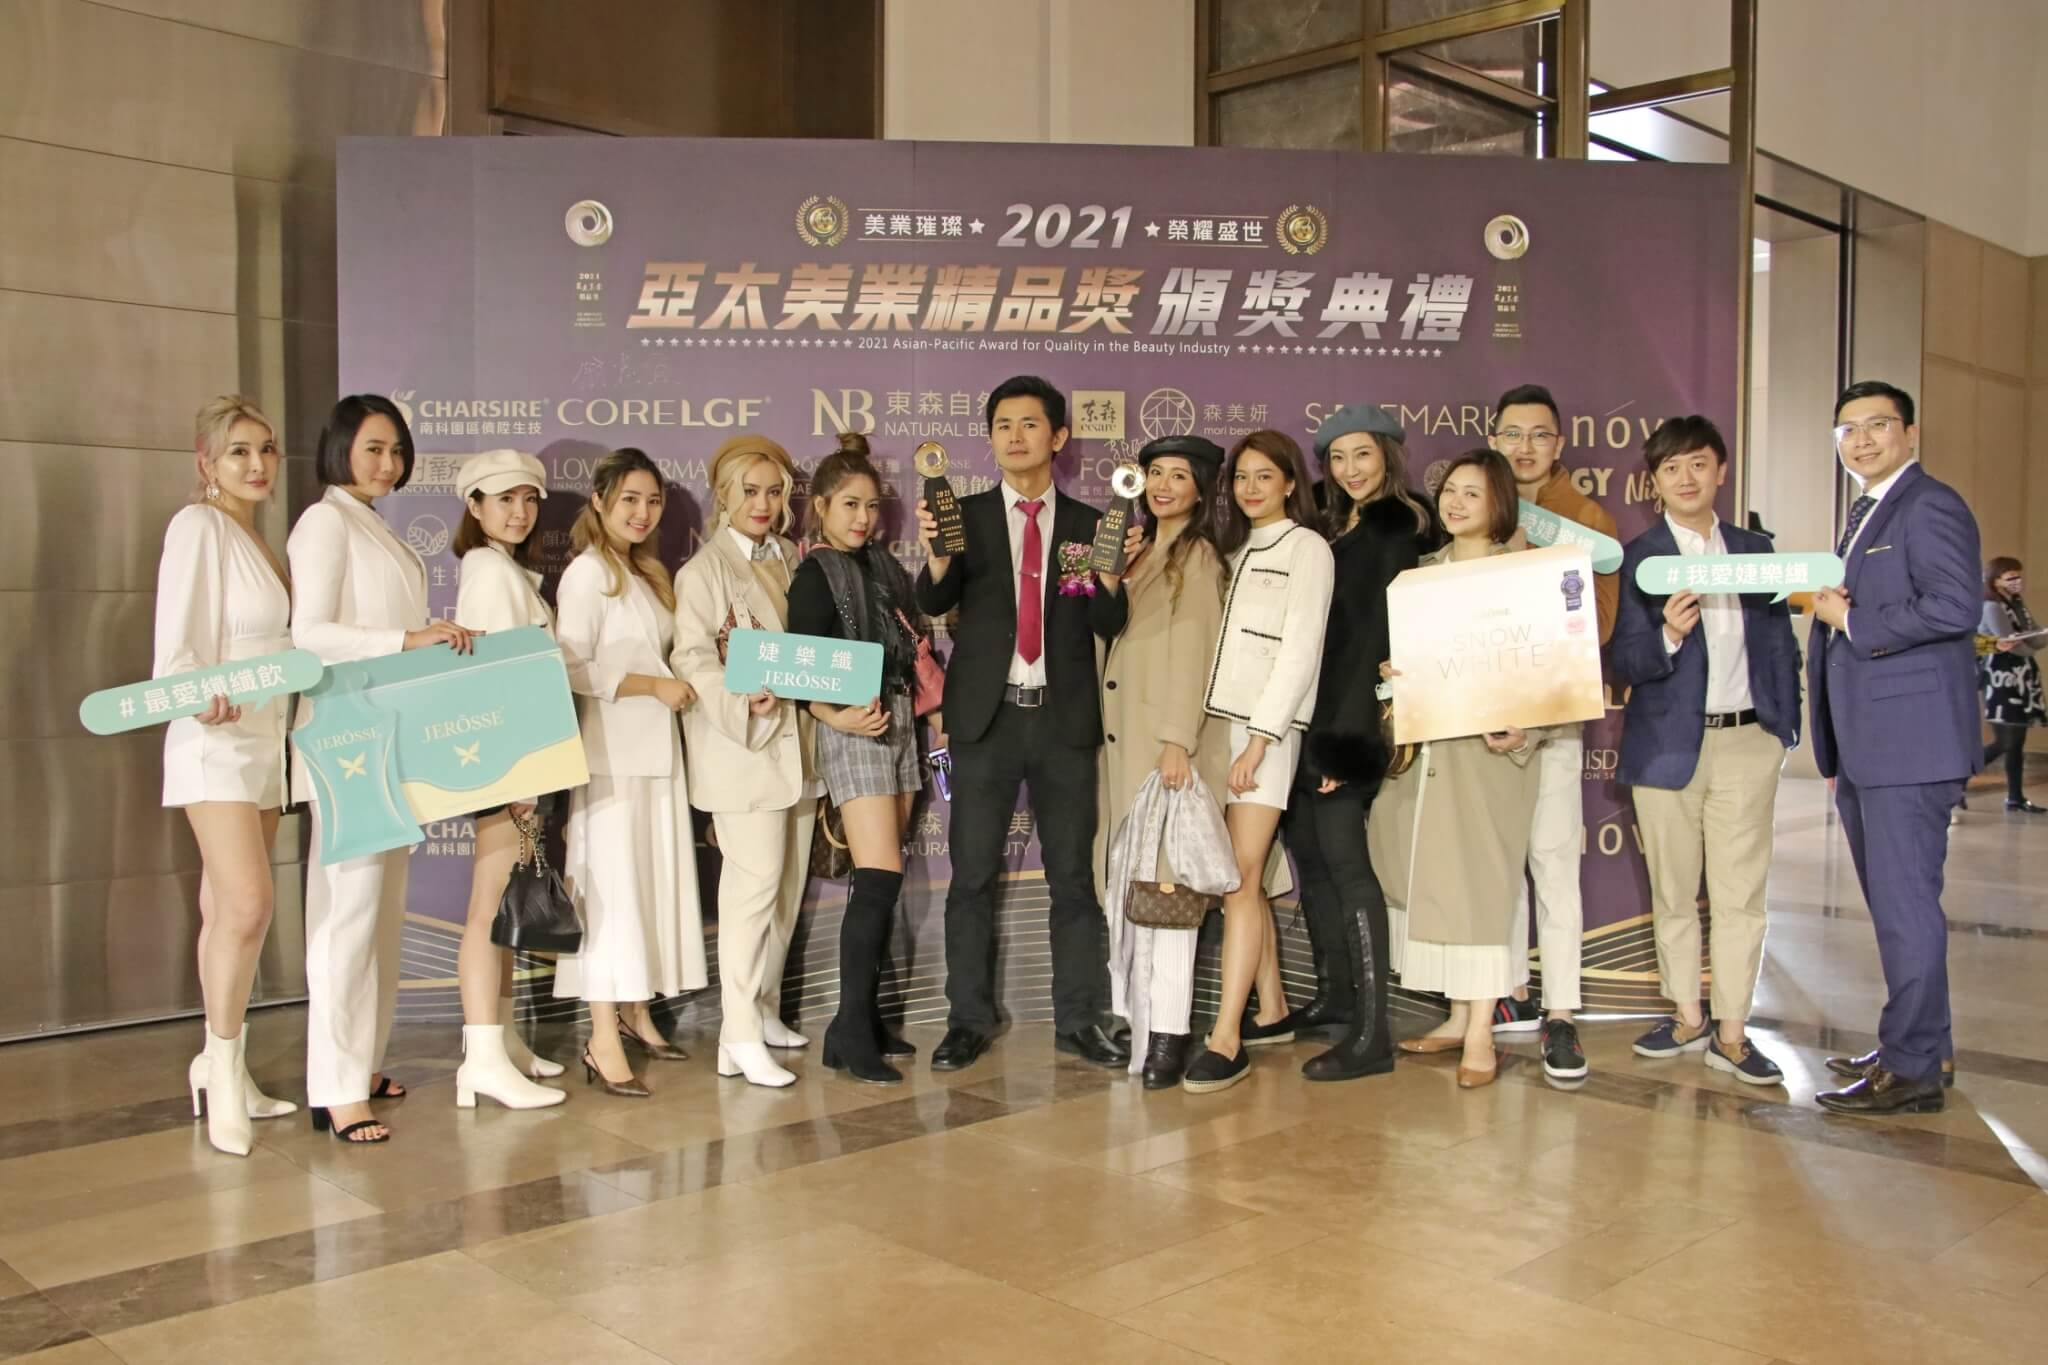 婕樂纖行動加盟商到場共襄盛舉2021亞太美業精品獎頒獎典禮。